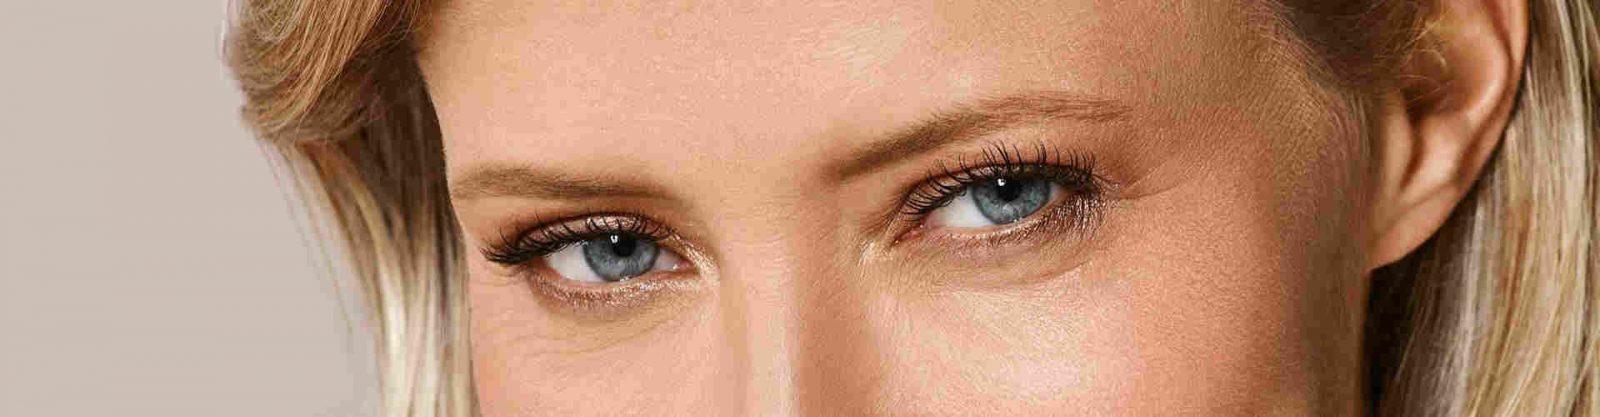 Make para olhos - Dicas para pálpebras caídas, linhas de expressão e manchas